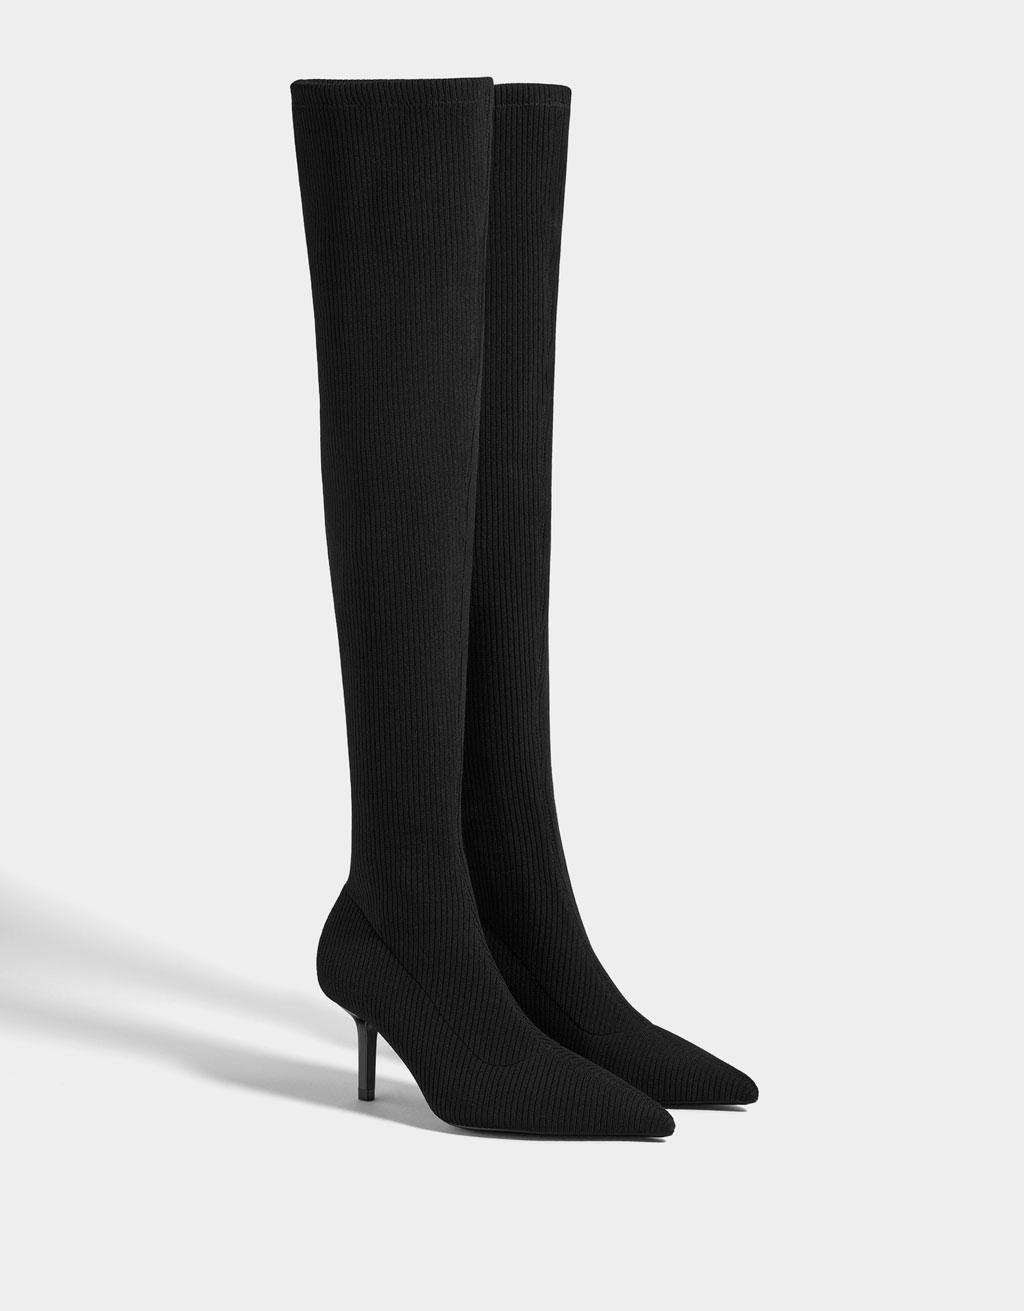 Botas tacón fino calcetín